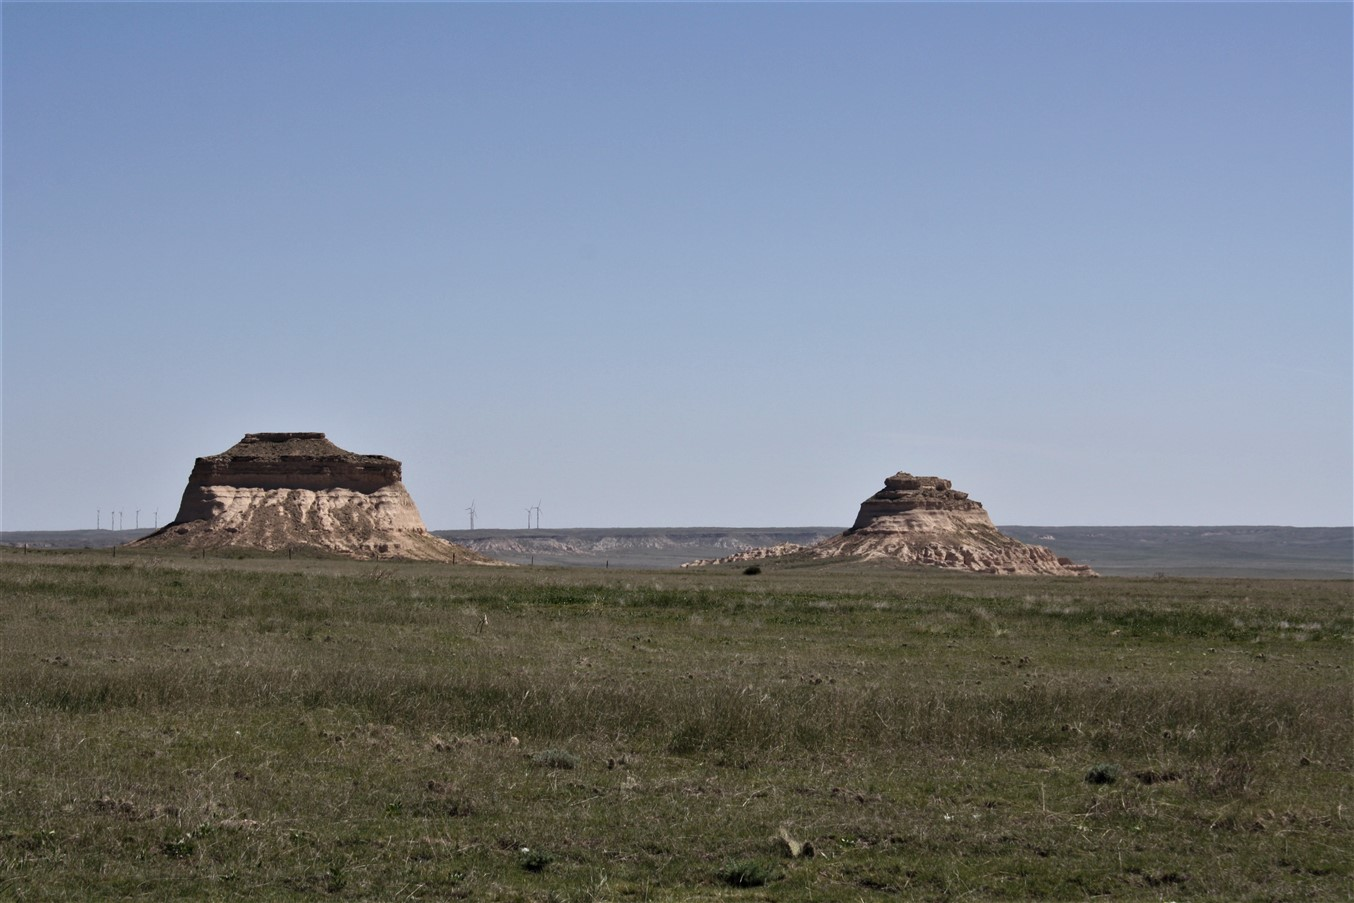 2010 05 23 Colorado 3 Pawnee Bluffs.jpg